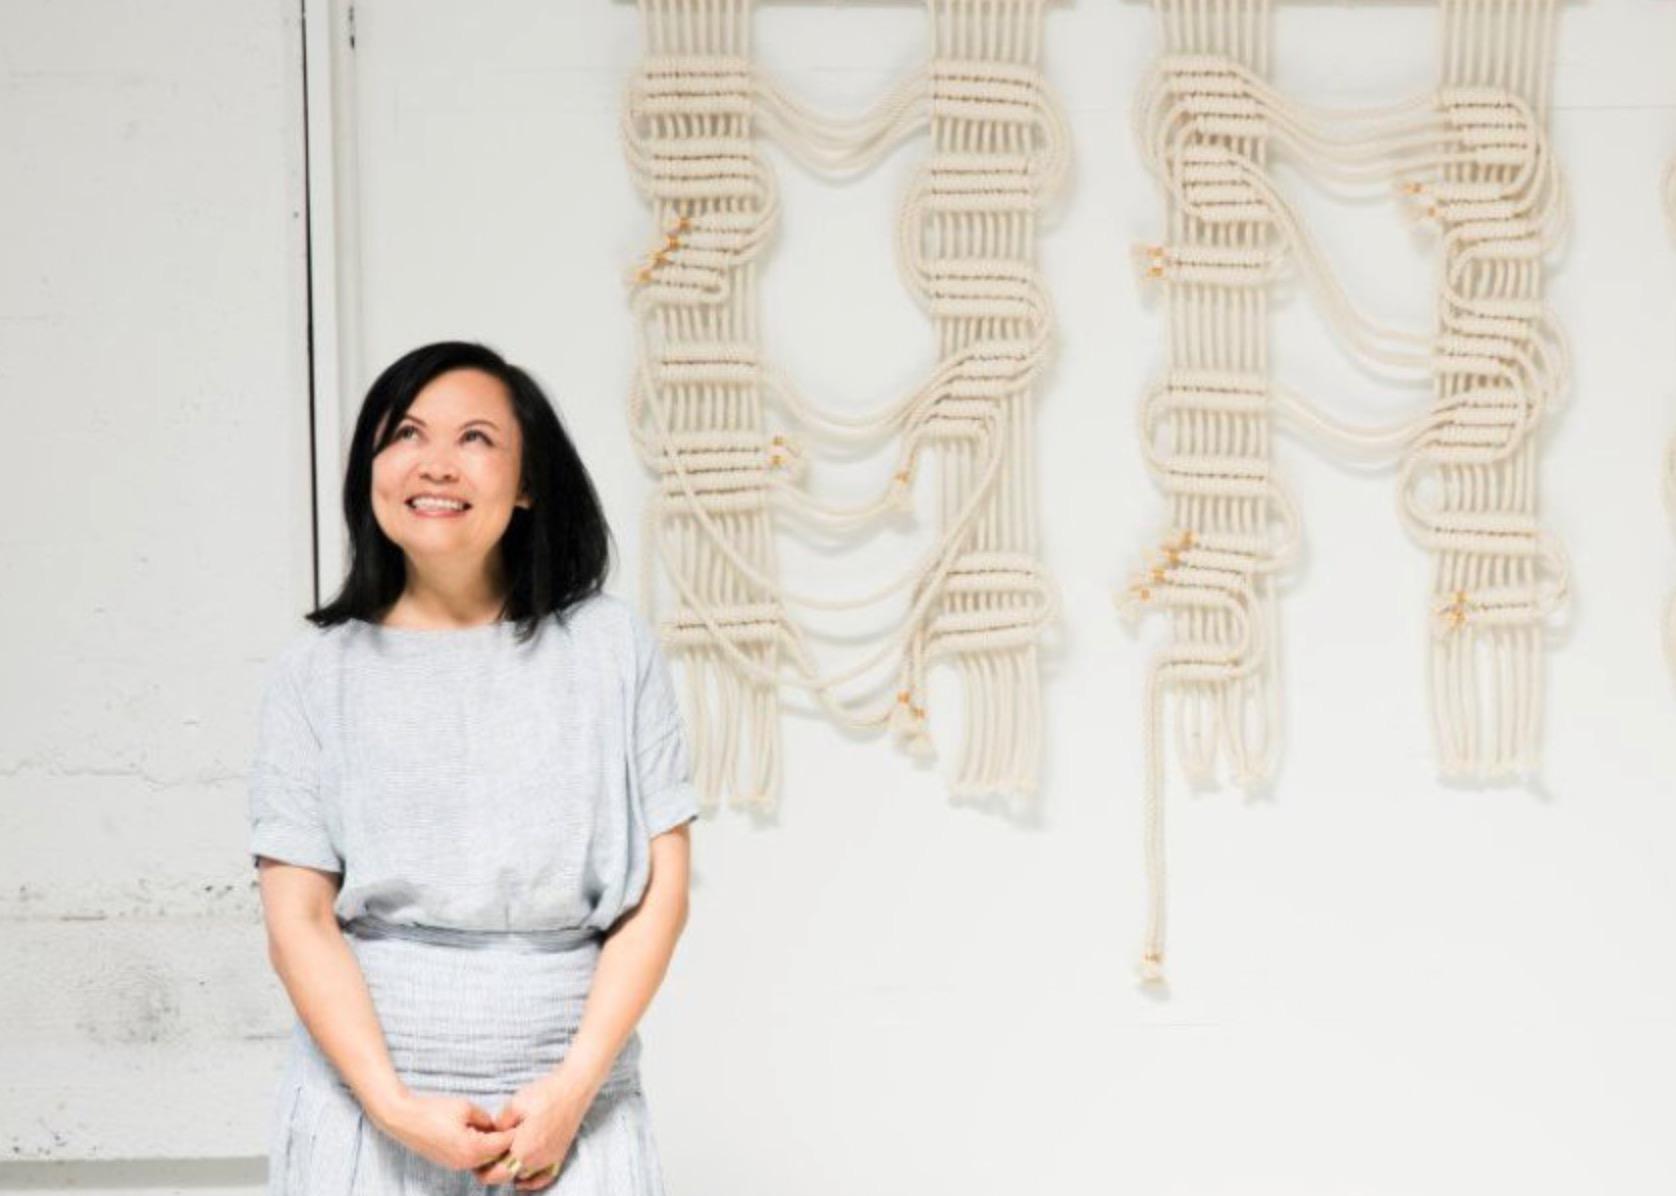 4-steps-reinventing-fiber-artist-woodworker-windy-chen